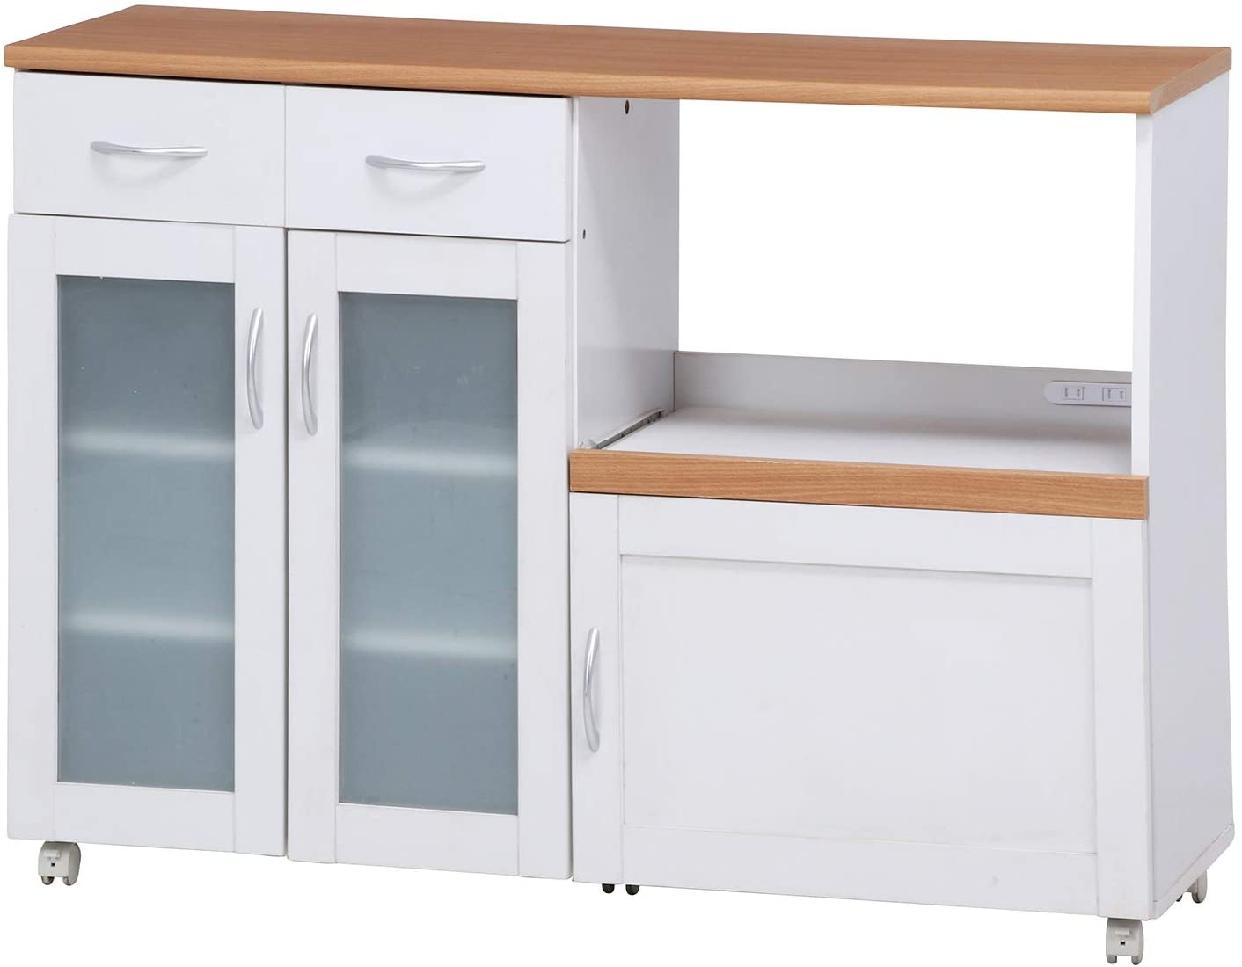 Sage(サージュ)キッチンカウンター 96820 幅120cmの商品画像